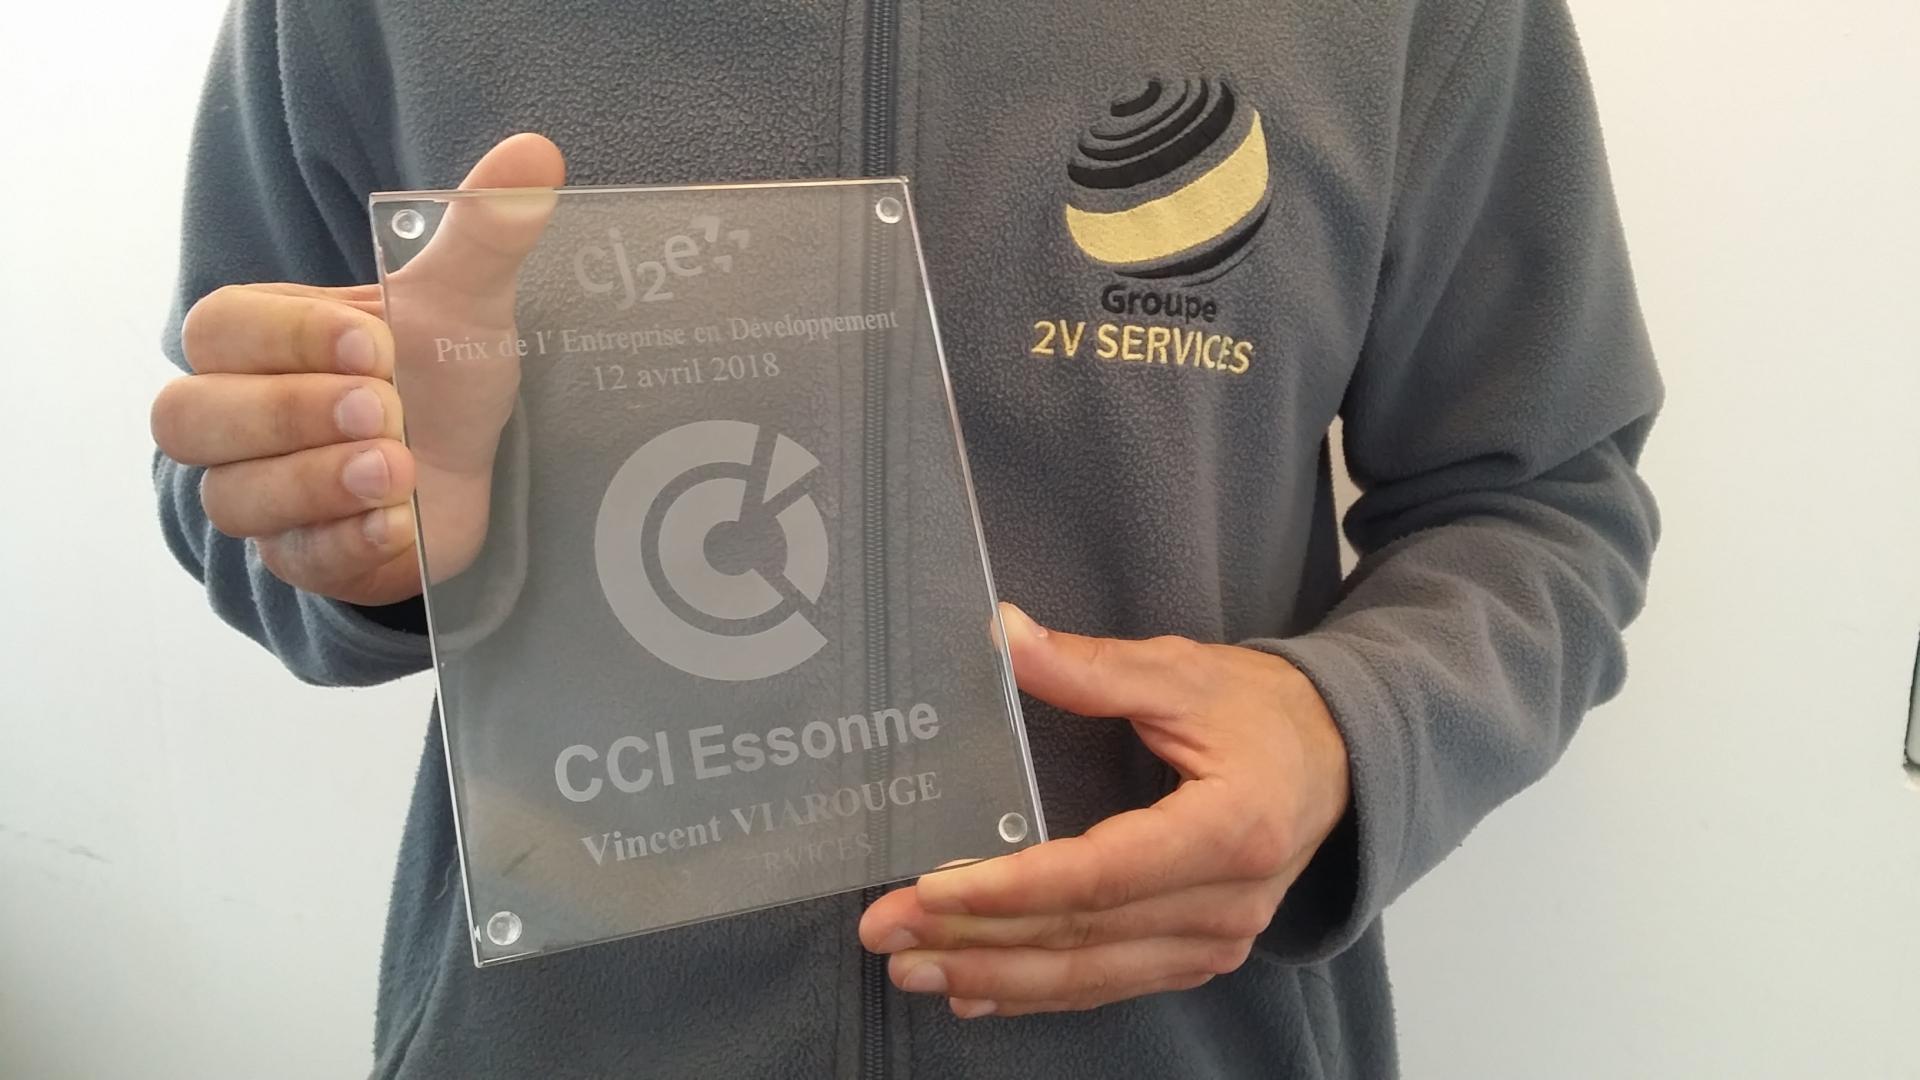 Prix Cj2e 2018 : 2V SERVICES reçoit le Prix de l'Entreprise en Développement